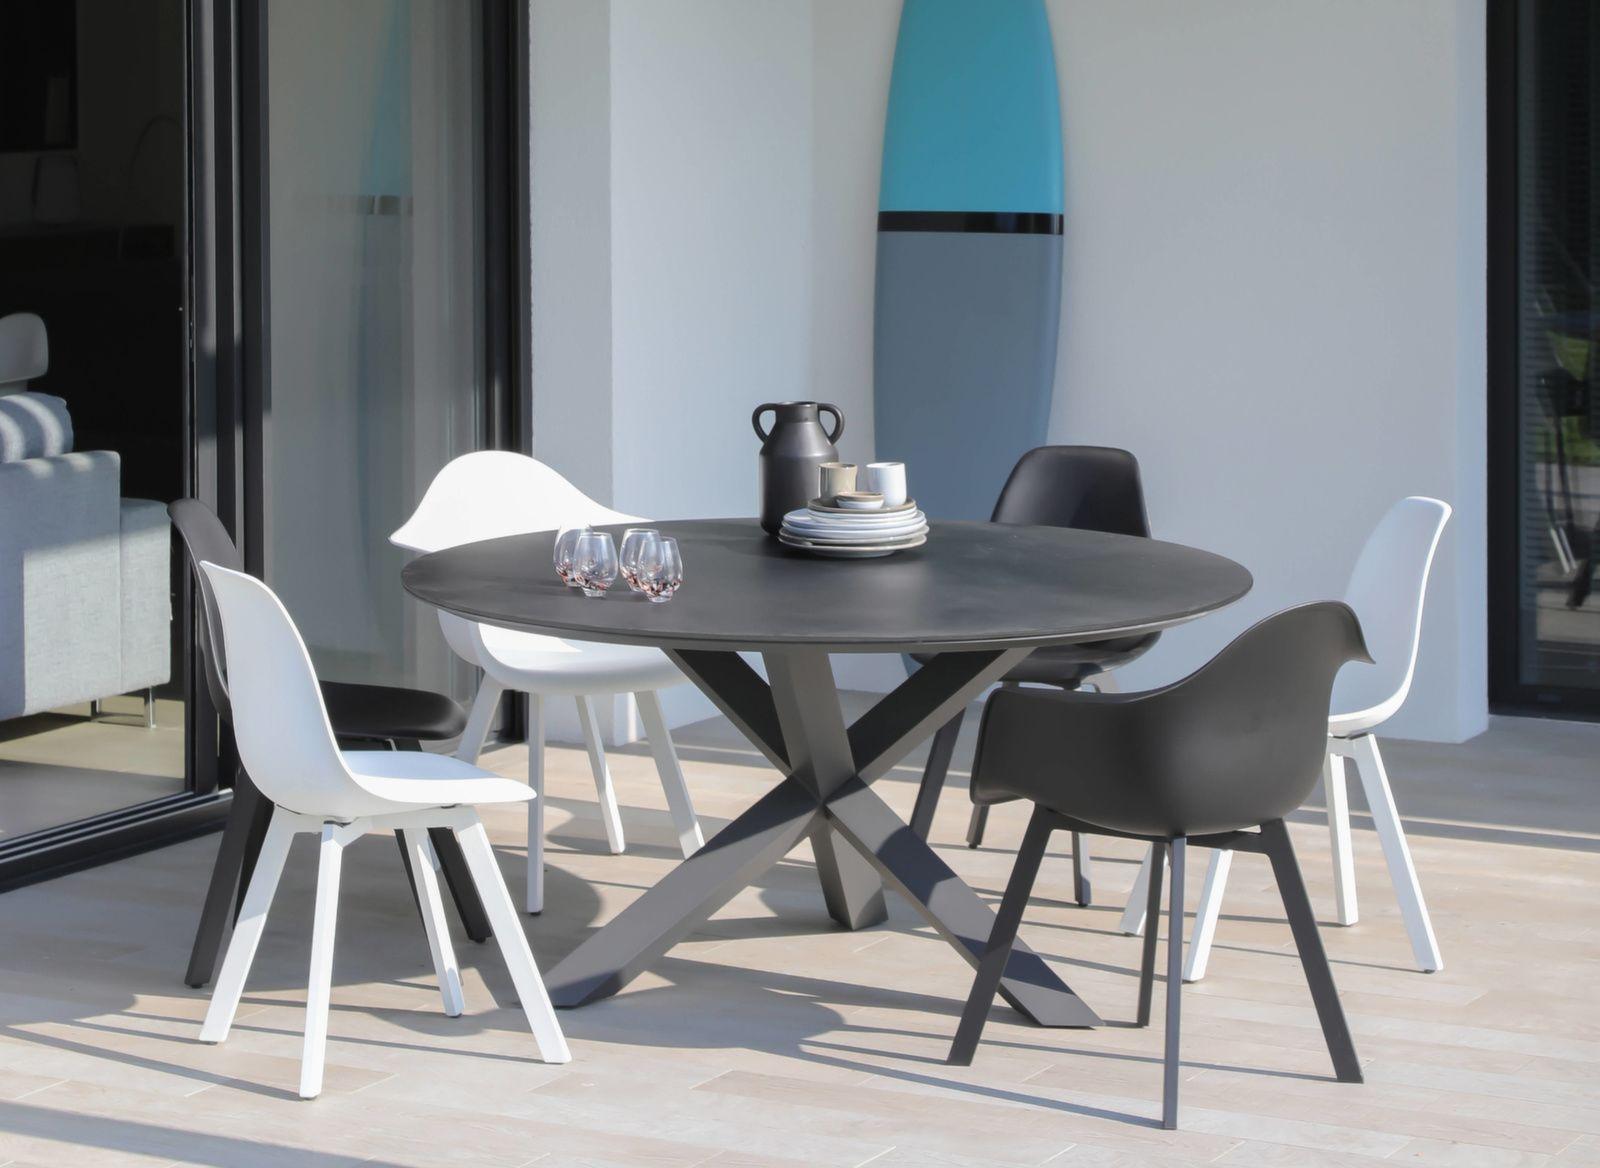 Chaise Coque Jato encequiconcerne Table Et Chaise De Jardin Design